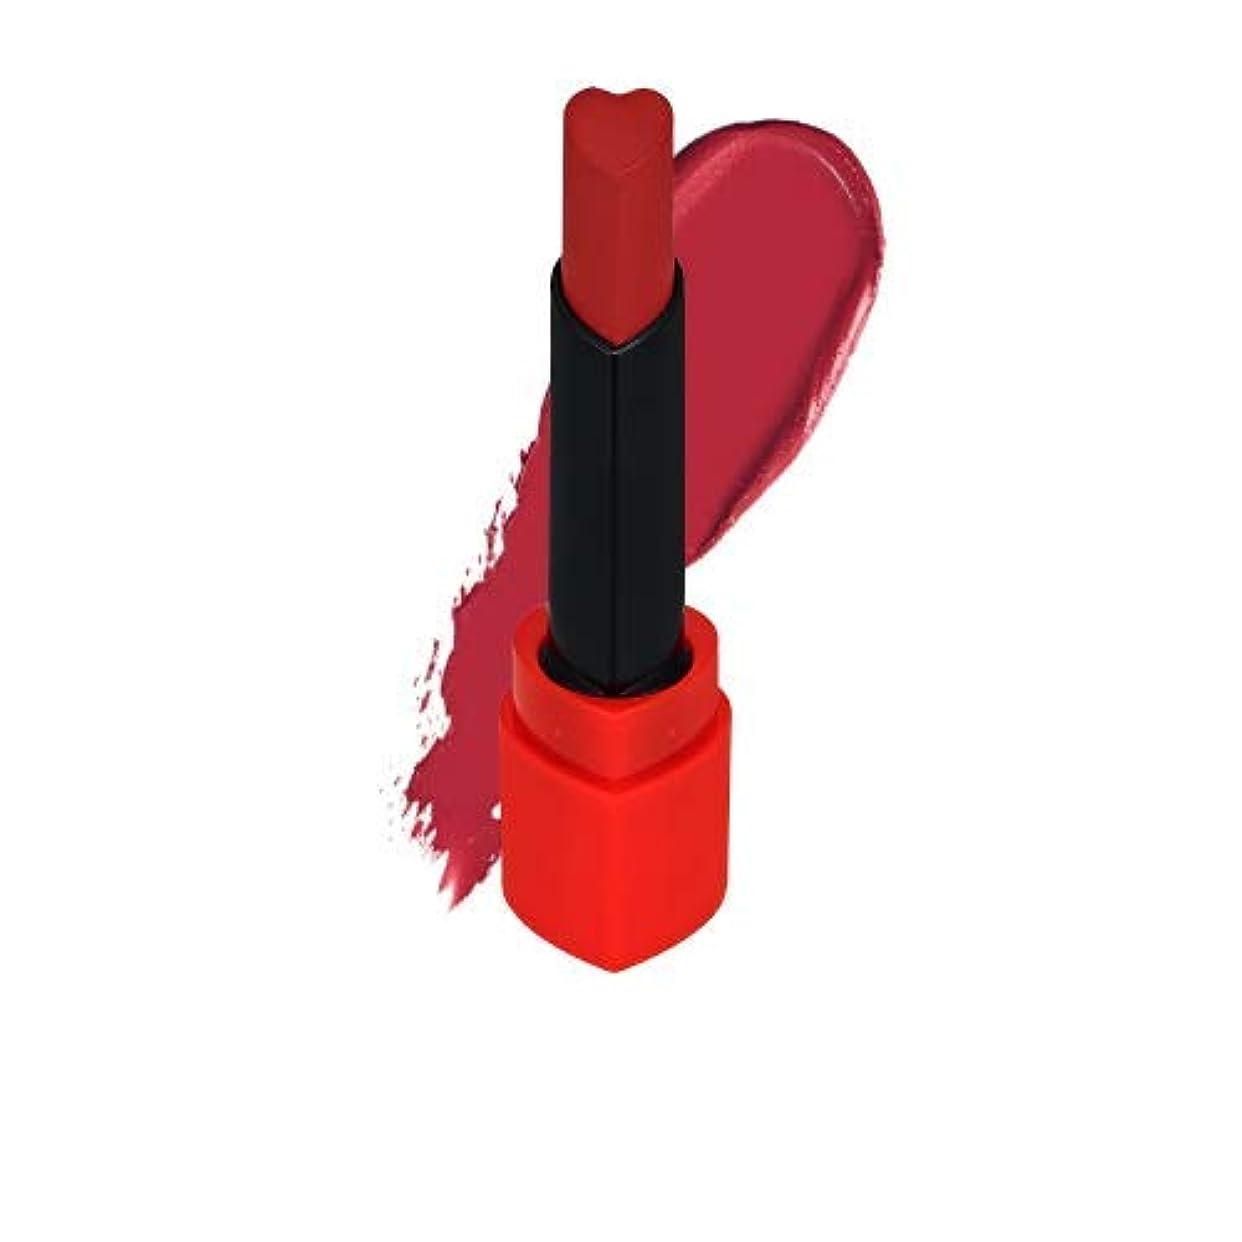 シリング患者主婦ホリカホリカ ハートクラッシュ?ベルベット?リップスティック HOLIKA HOLIKA Heart Crush Velvet Lipstick 1.8g (# PK03 GENTLE ROSE) [並行輸入品]